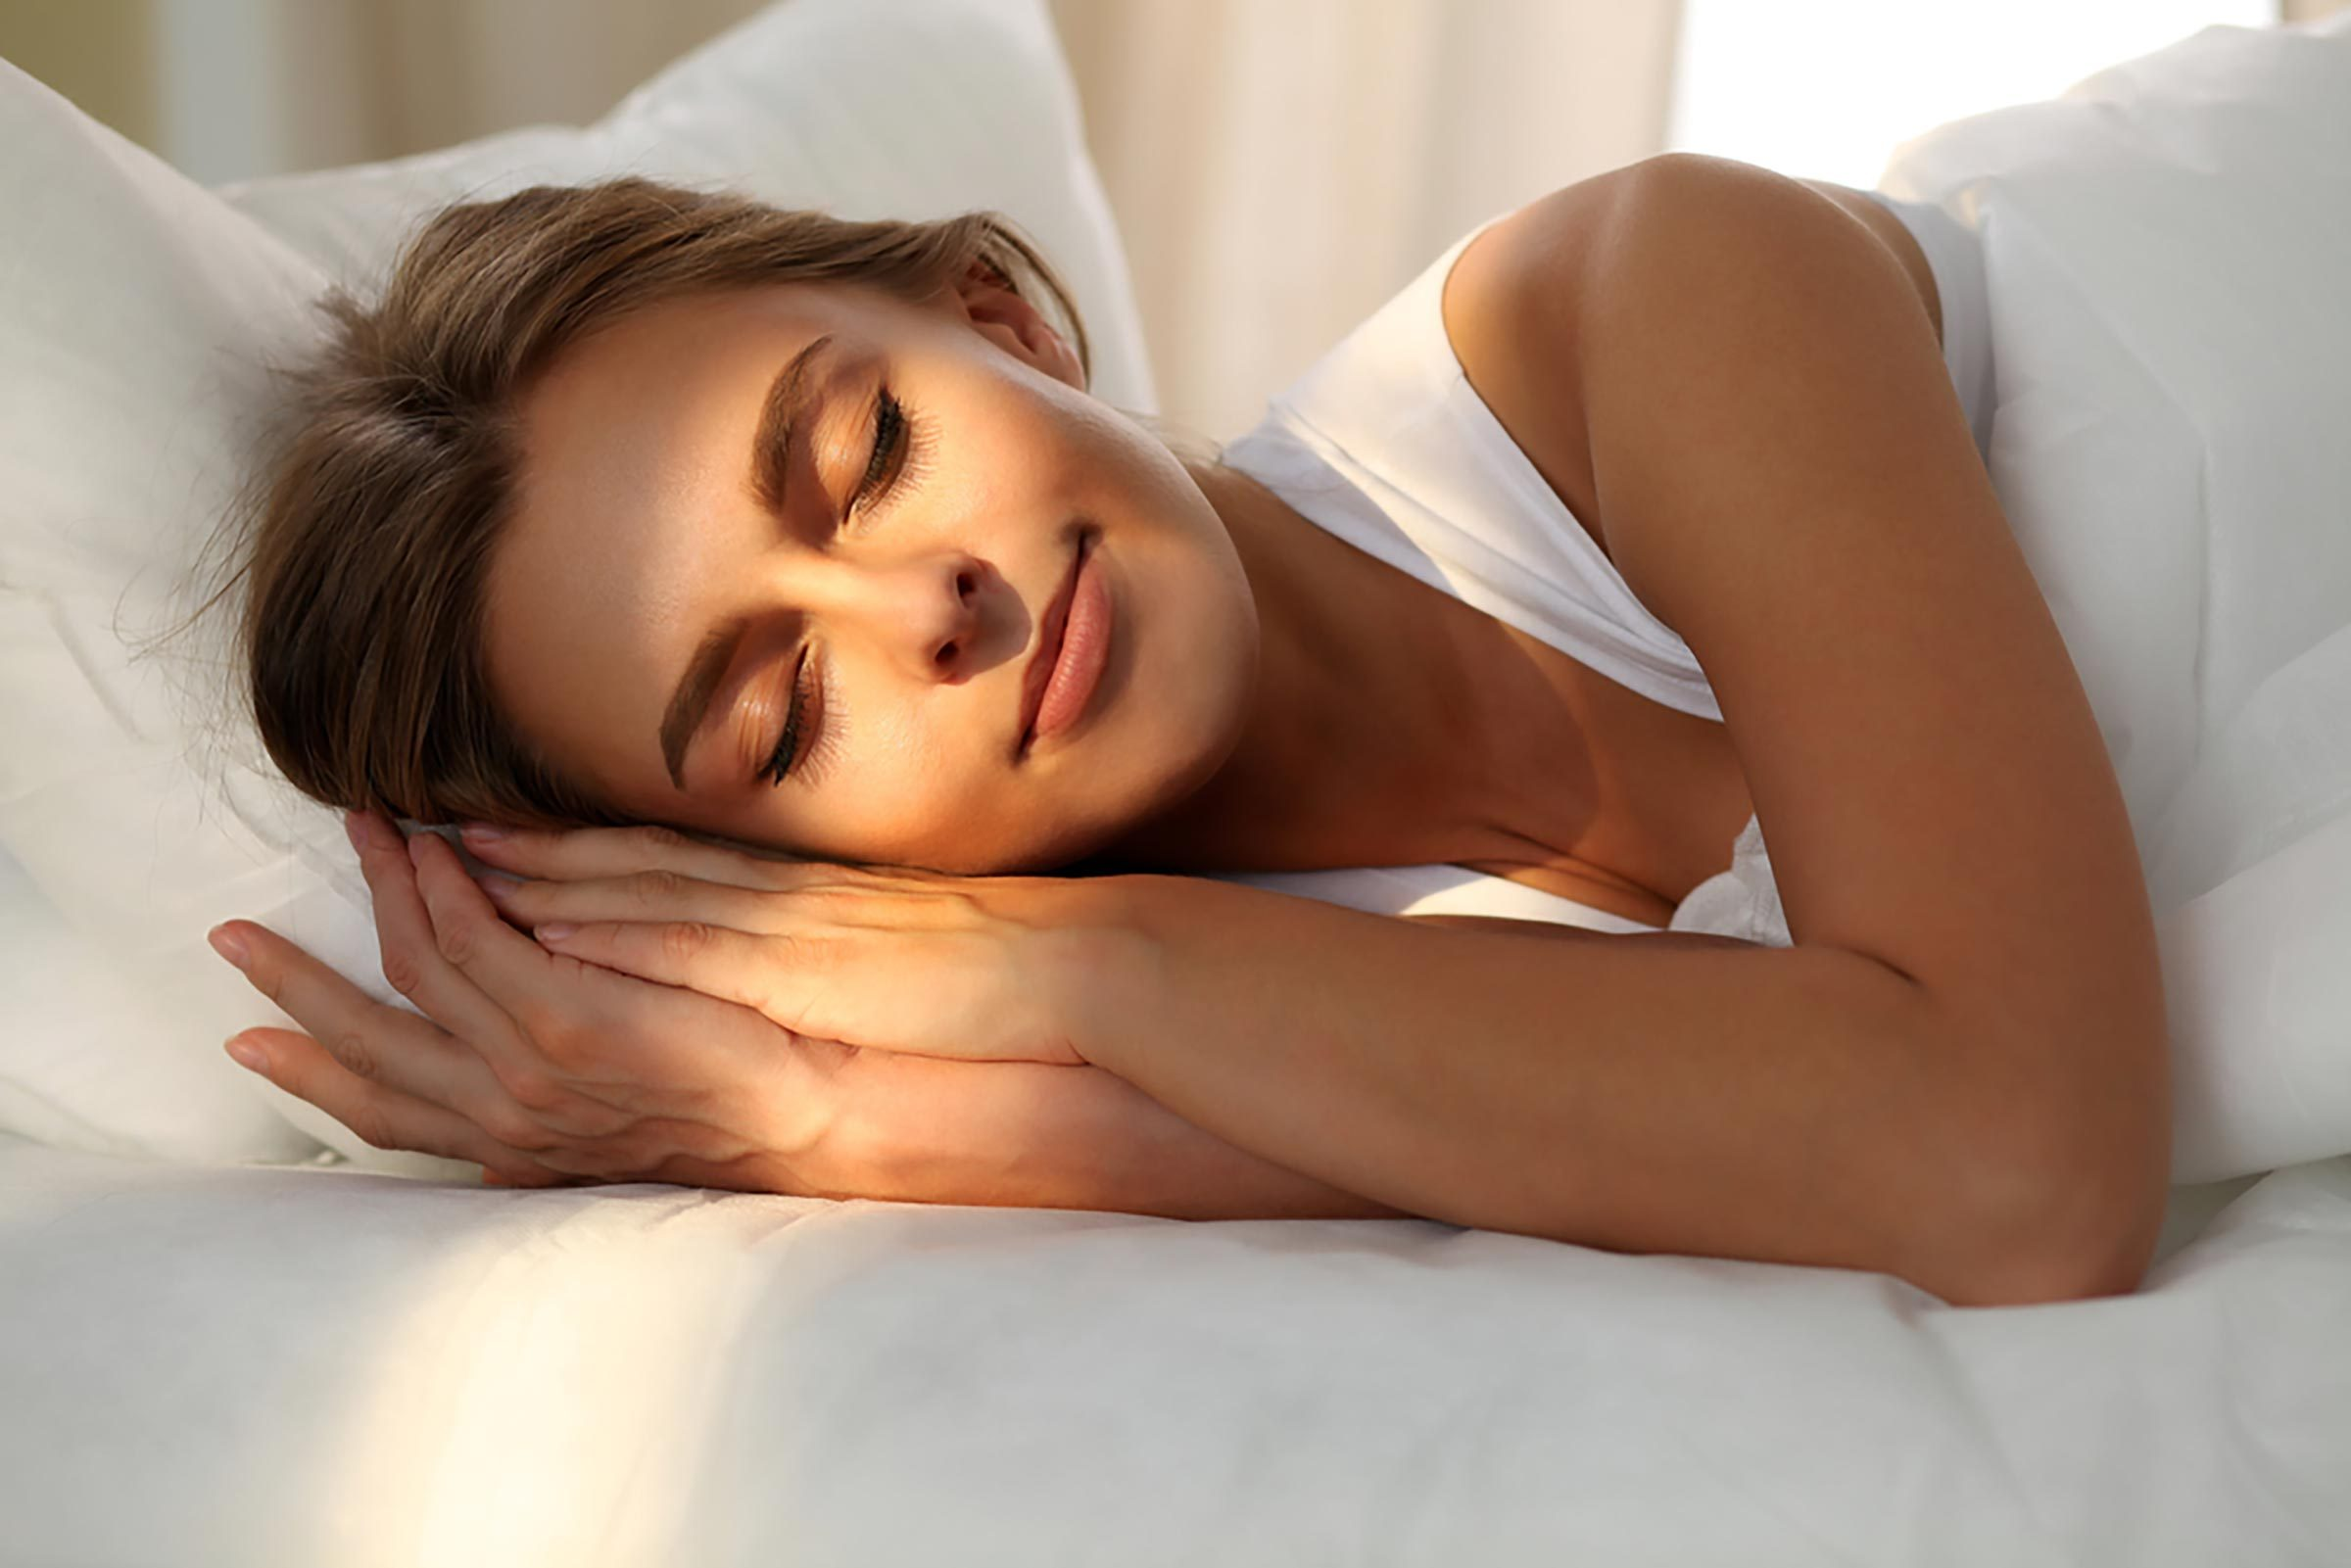 Conseil santé : dormir 8 heures par nuit